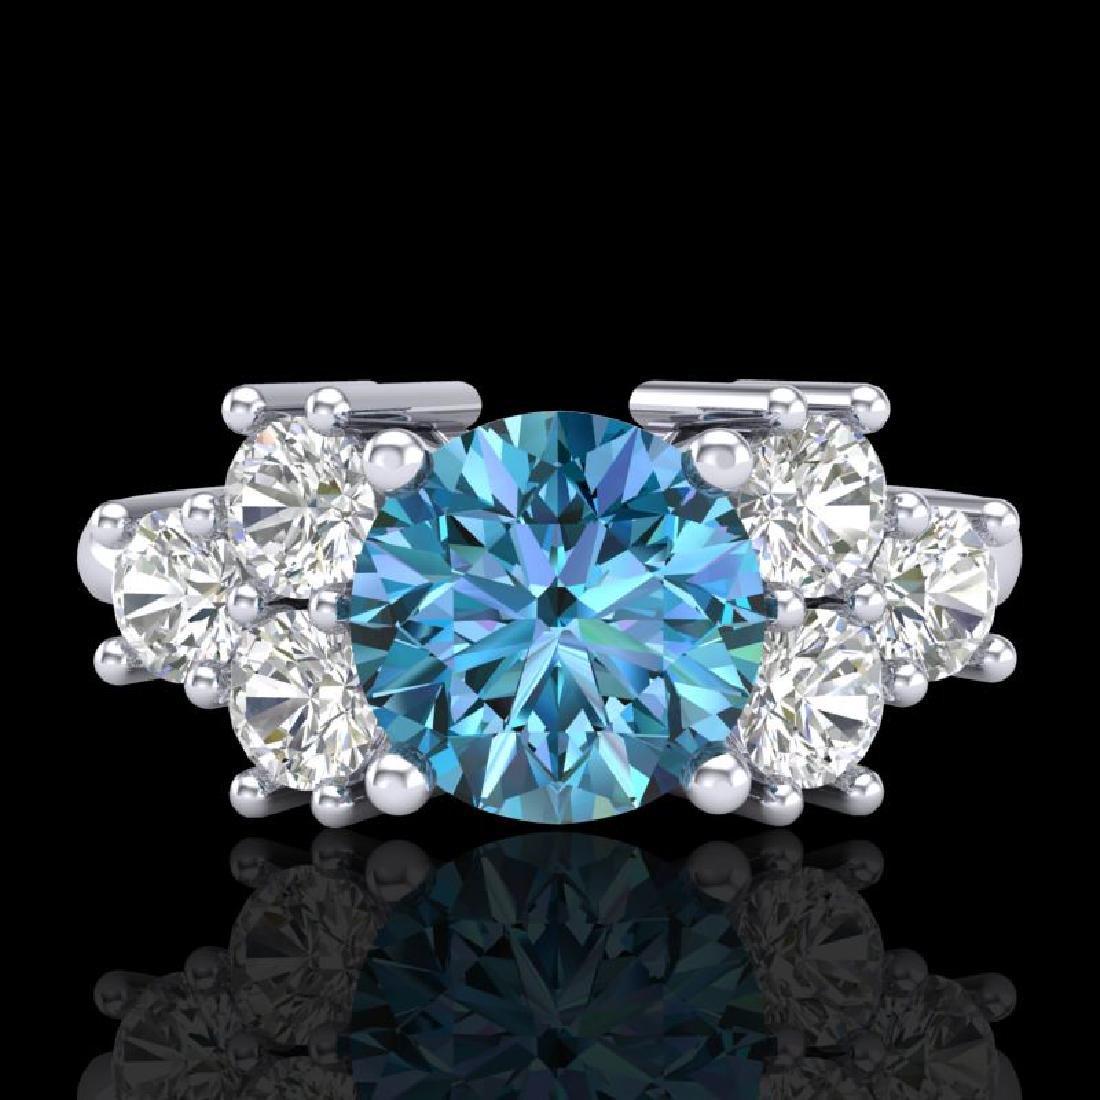 2.1 CTW Intense Blue Diamond Solitaire Engagement - 2